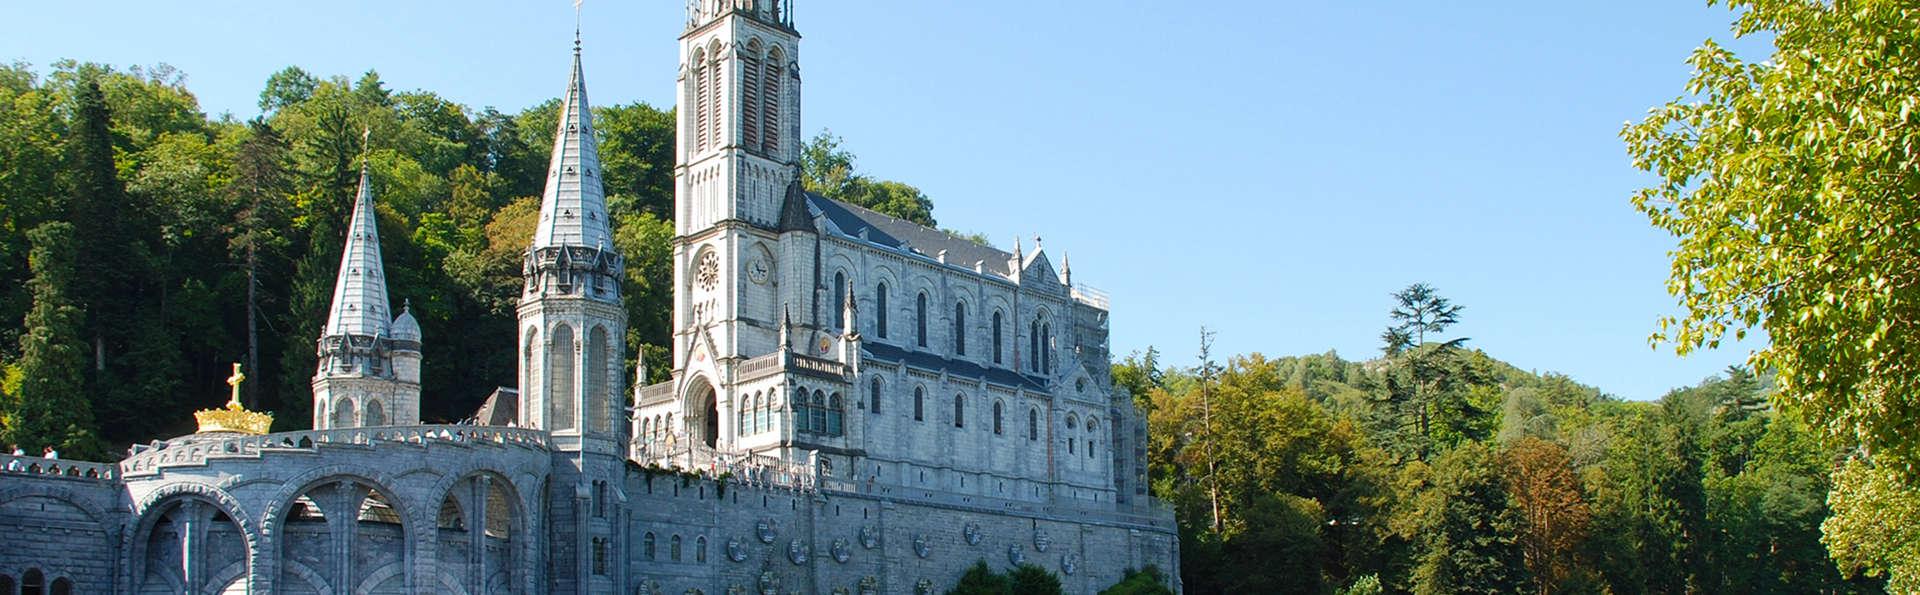 Week end en famille entre culture et nature  à Lourdes